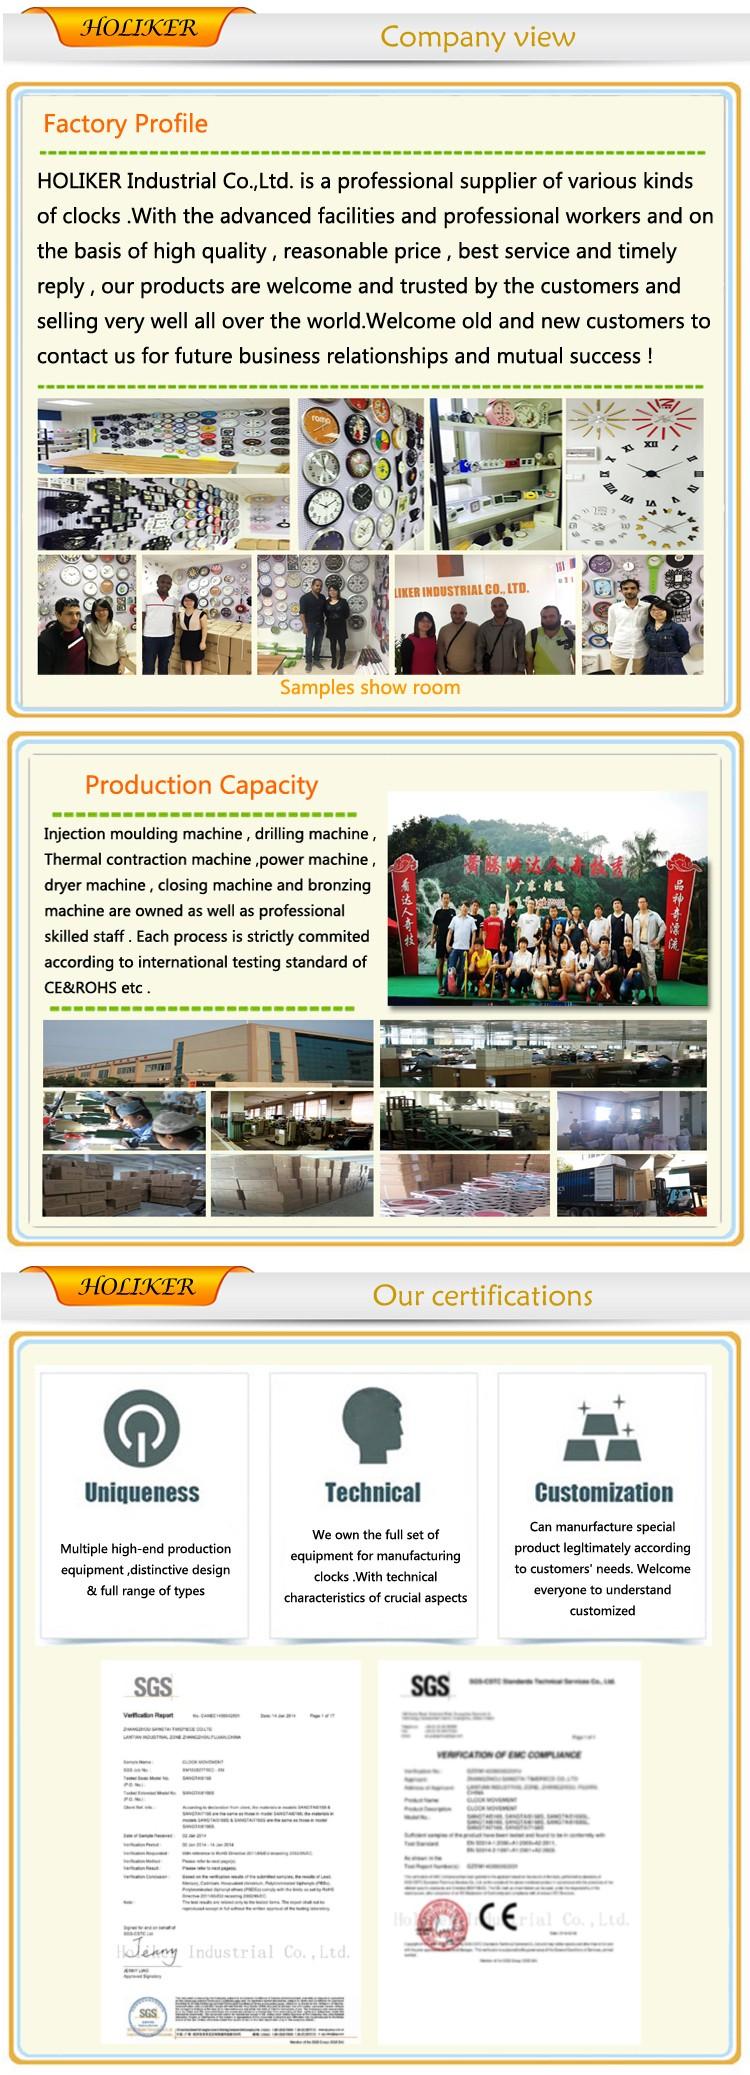 company view-